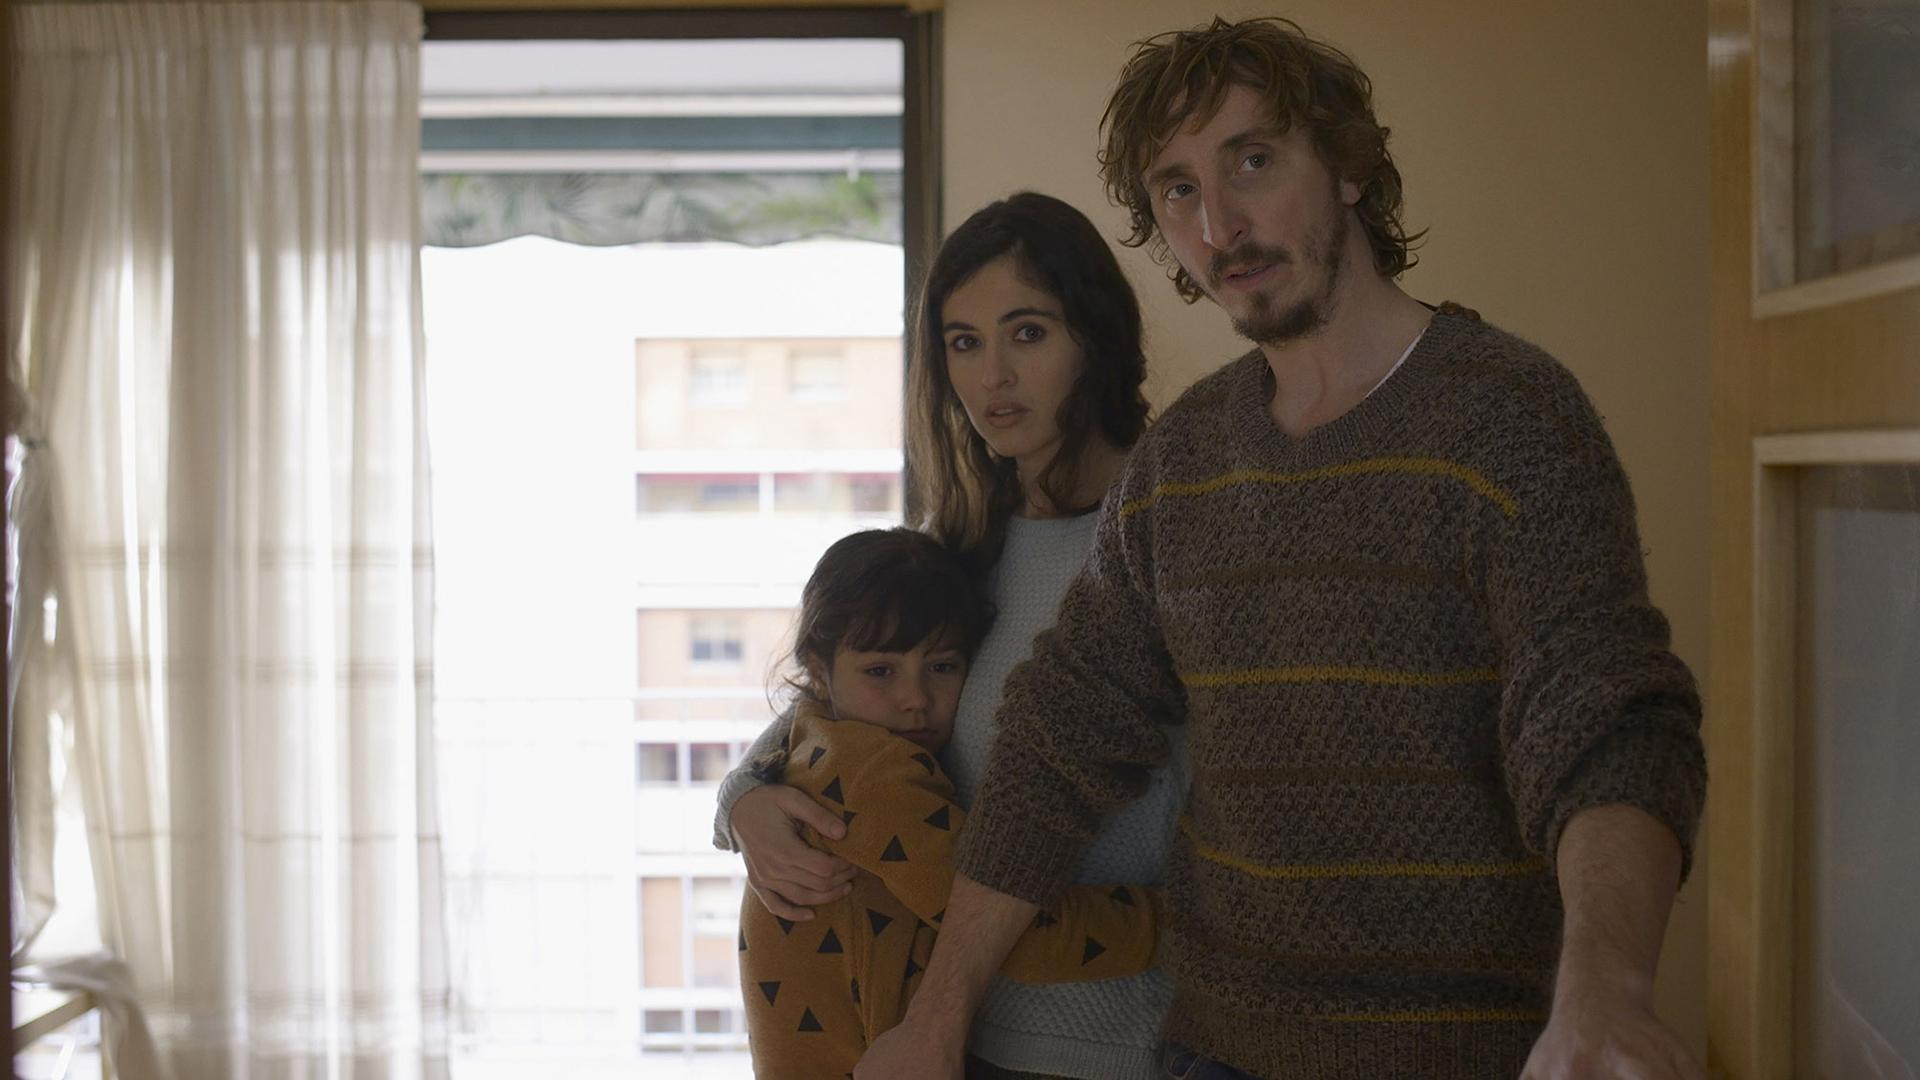 Amas De Casa Desesperadas Follando somos cine - cerca de tu casa